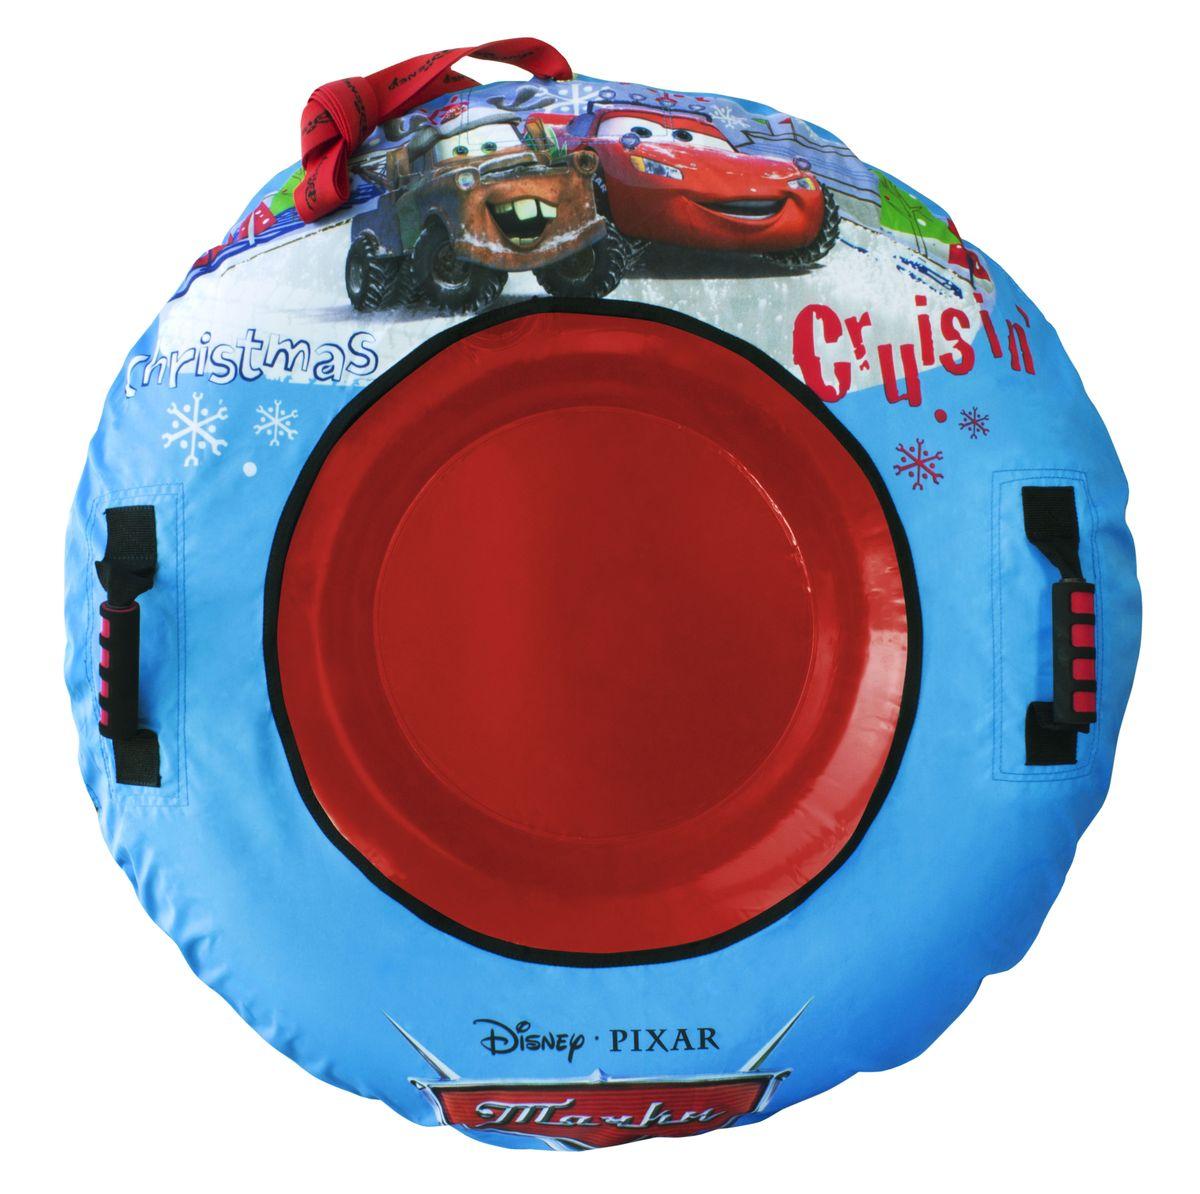 Тачки Тюбинг Disney Тачки, диаметр 92 смSJT-105TOТюбинг Disney Тачки - это красочные надувные санки для веселых развлечений всей семьи, диаметр 92 см. Внешний чехол из нейлона 420 ден. Усиленные крепления ручек. Морозоустойчивый материал до -30С. Предназначен для использования на снежных и ледяных поверхностях. В комплекте: камера, чехол.